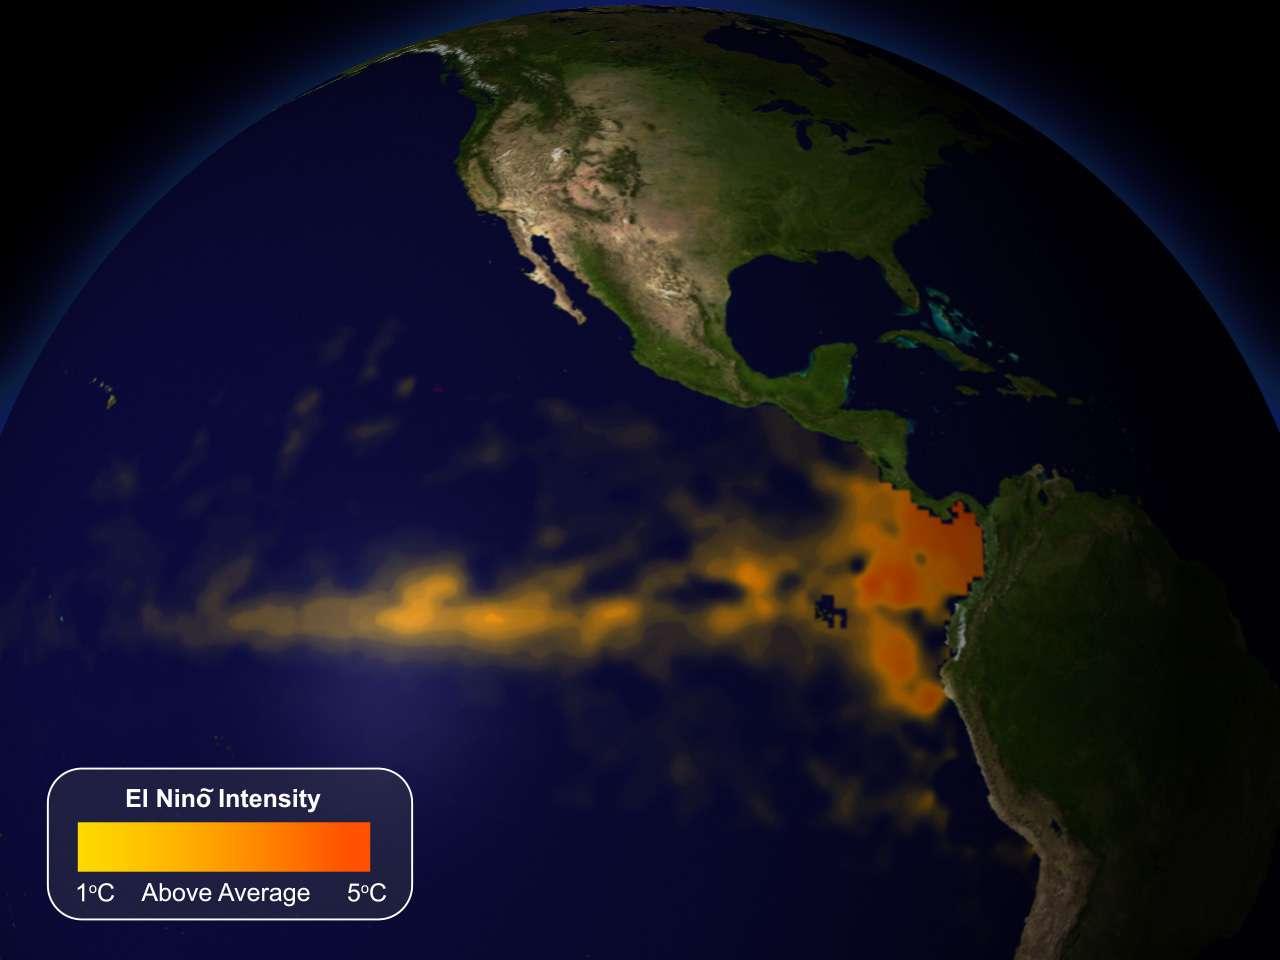 Durant un événement El Niño, les eaux sont plus chaudes que la moyenne dans l'est du Pacifique équatorial (représenté en orange sur la carte). Cette configuration océan-atmosphère affecte la météo du monde entier. Une nouvelle étude décrit un signal atmosphérique El Niño qui est très fortement associé aux impacts climatiques hivernaux aux États-Unis. © NOAA Visualization Laboratory